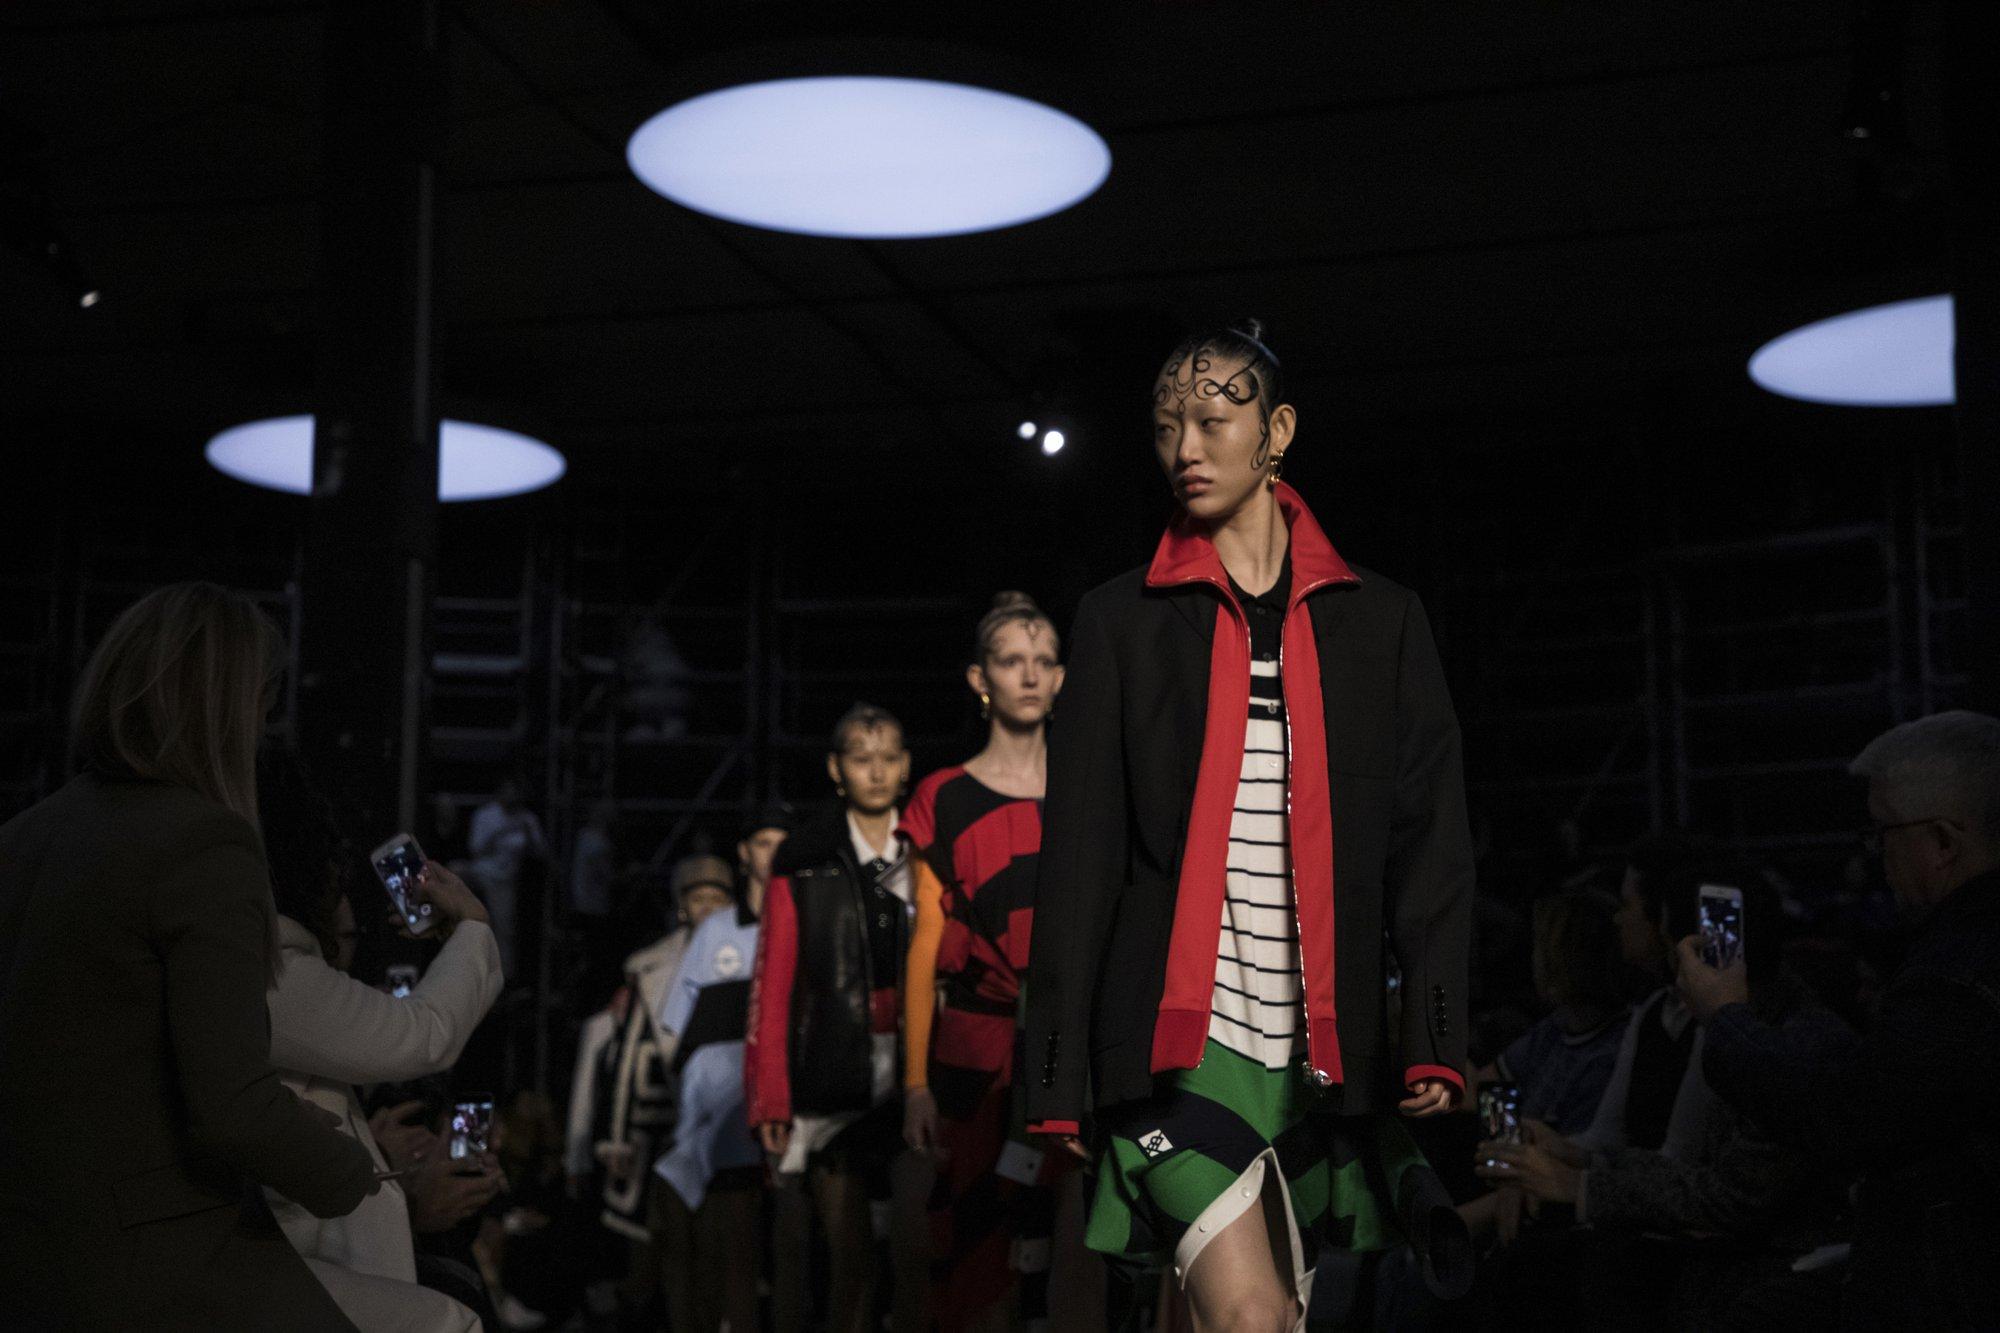 Burberry catwalk showcases streetwear 9a386c8a6ef28